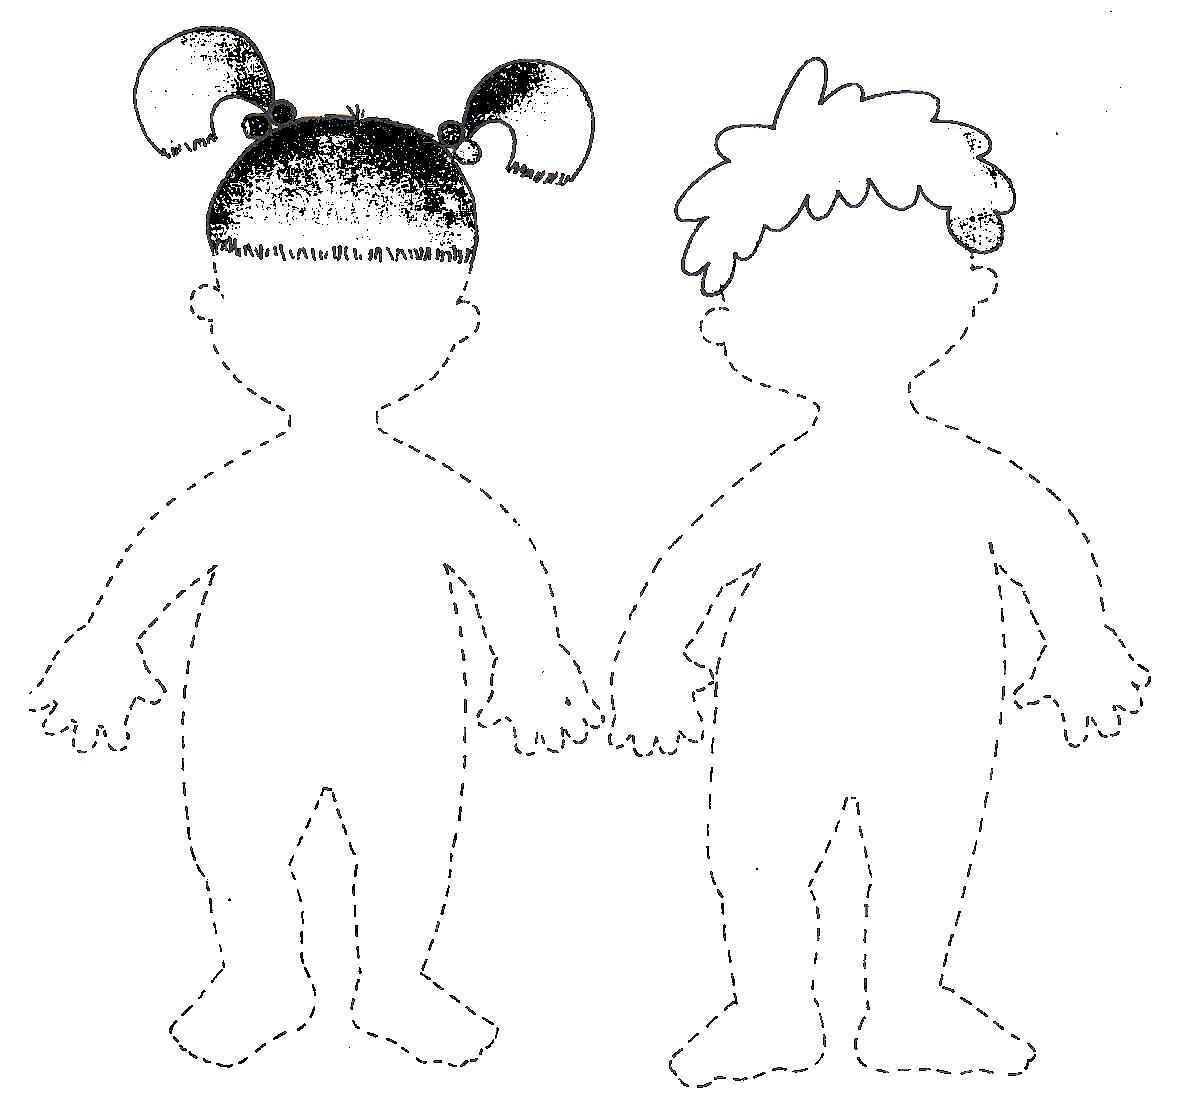 Silueta del cuerpo humano para niños de preescolar - Imagui